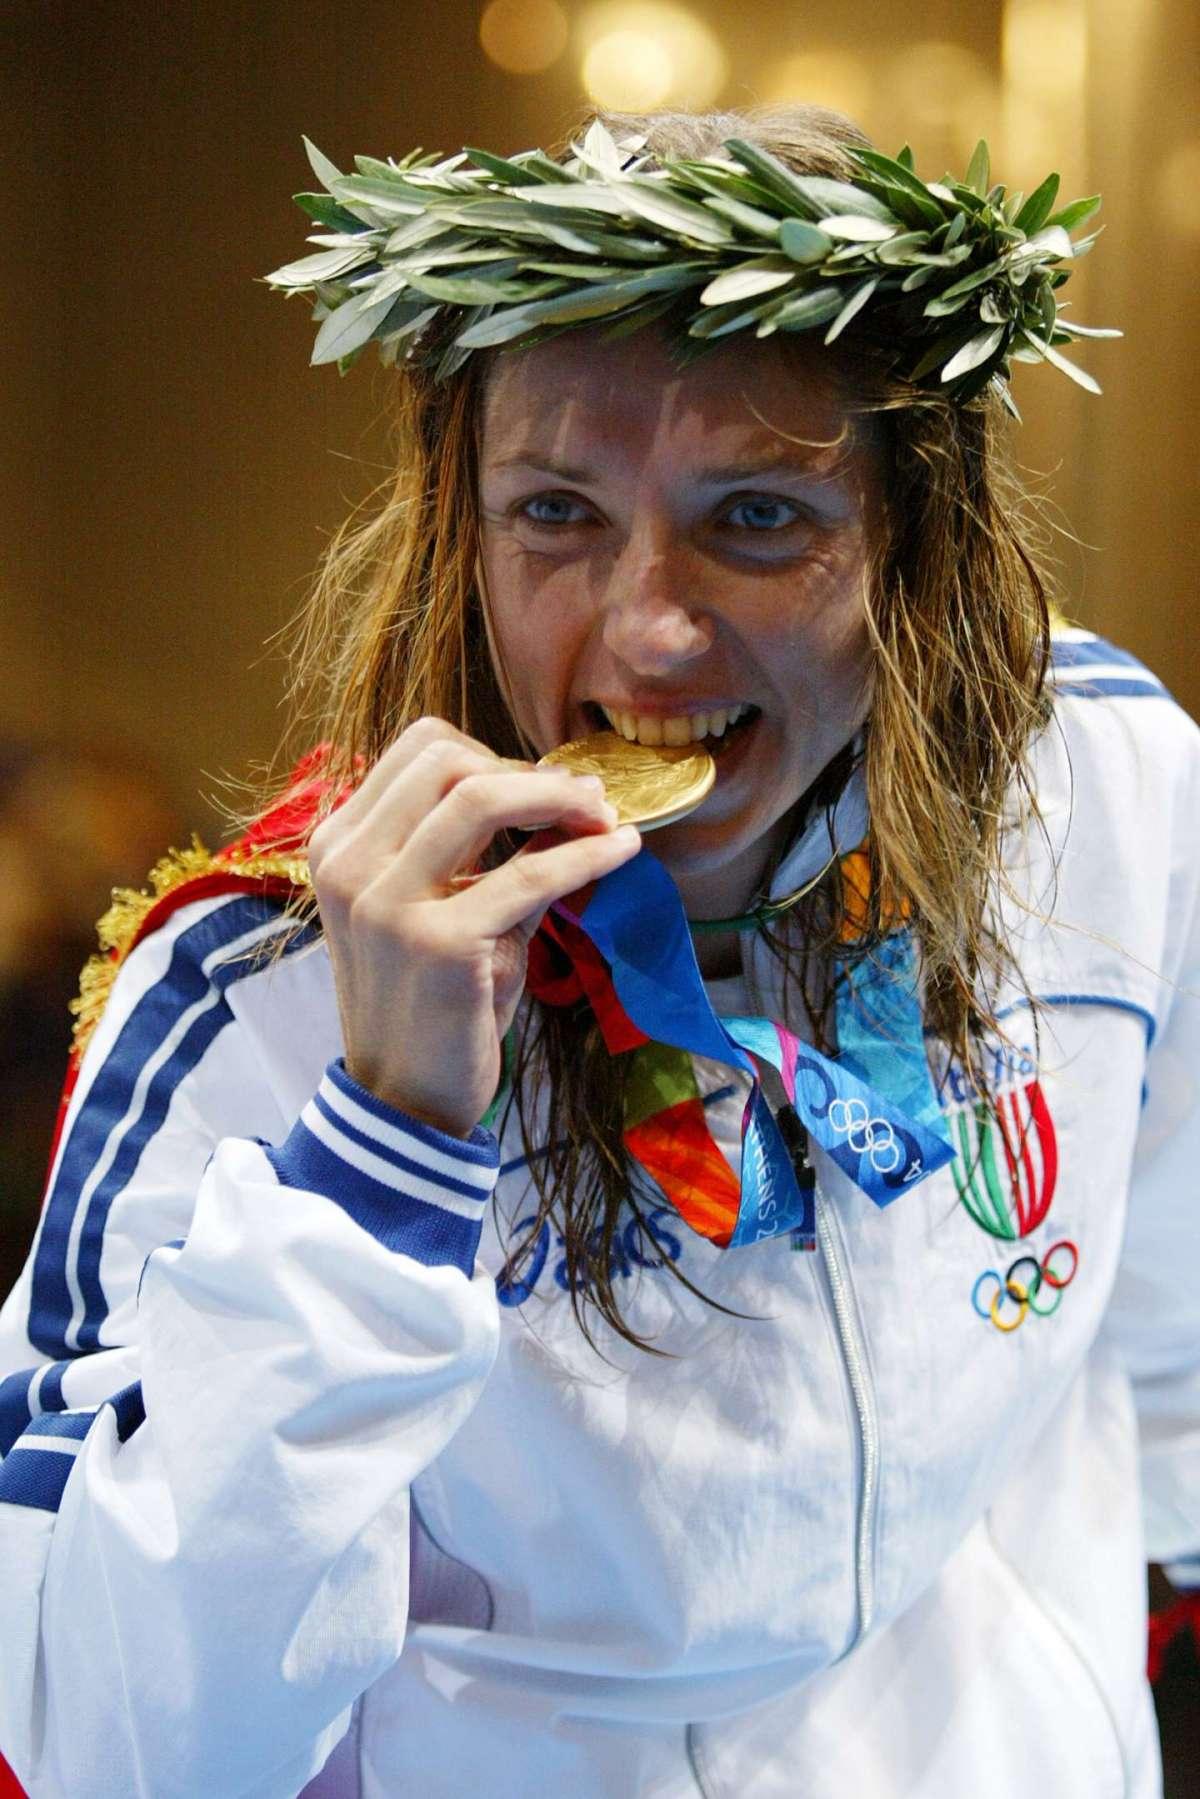 La schermitrice vince l'oro alle Olimpiadi di Atene 2004